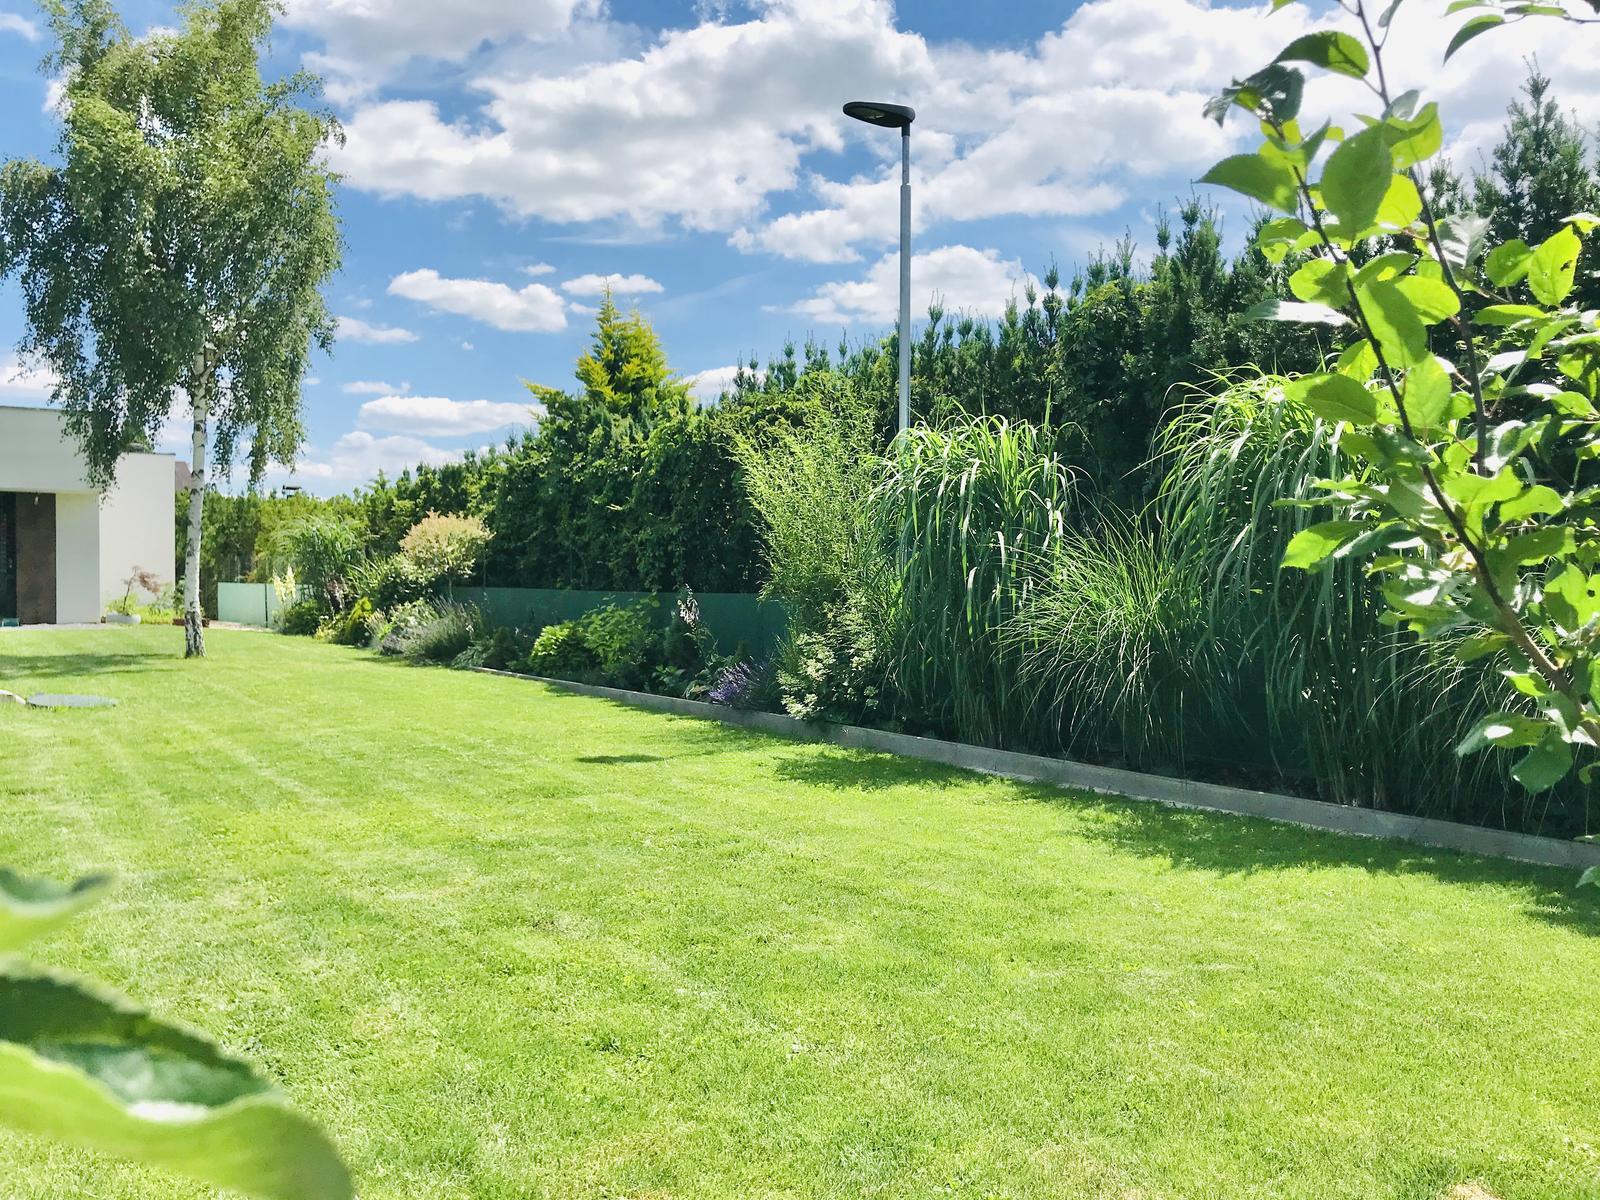 2020 - Zelený plot - bariéra medzi sousední